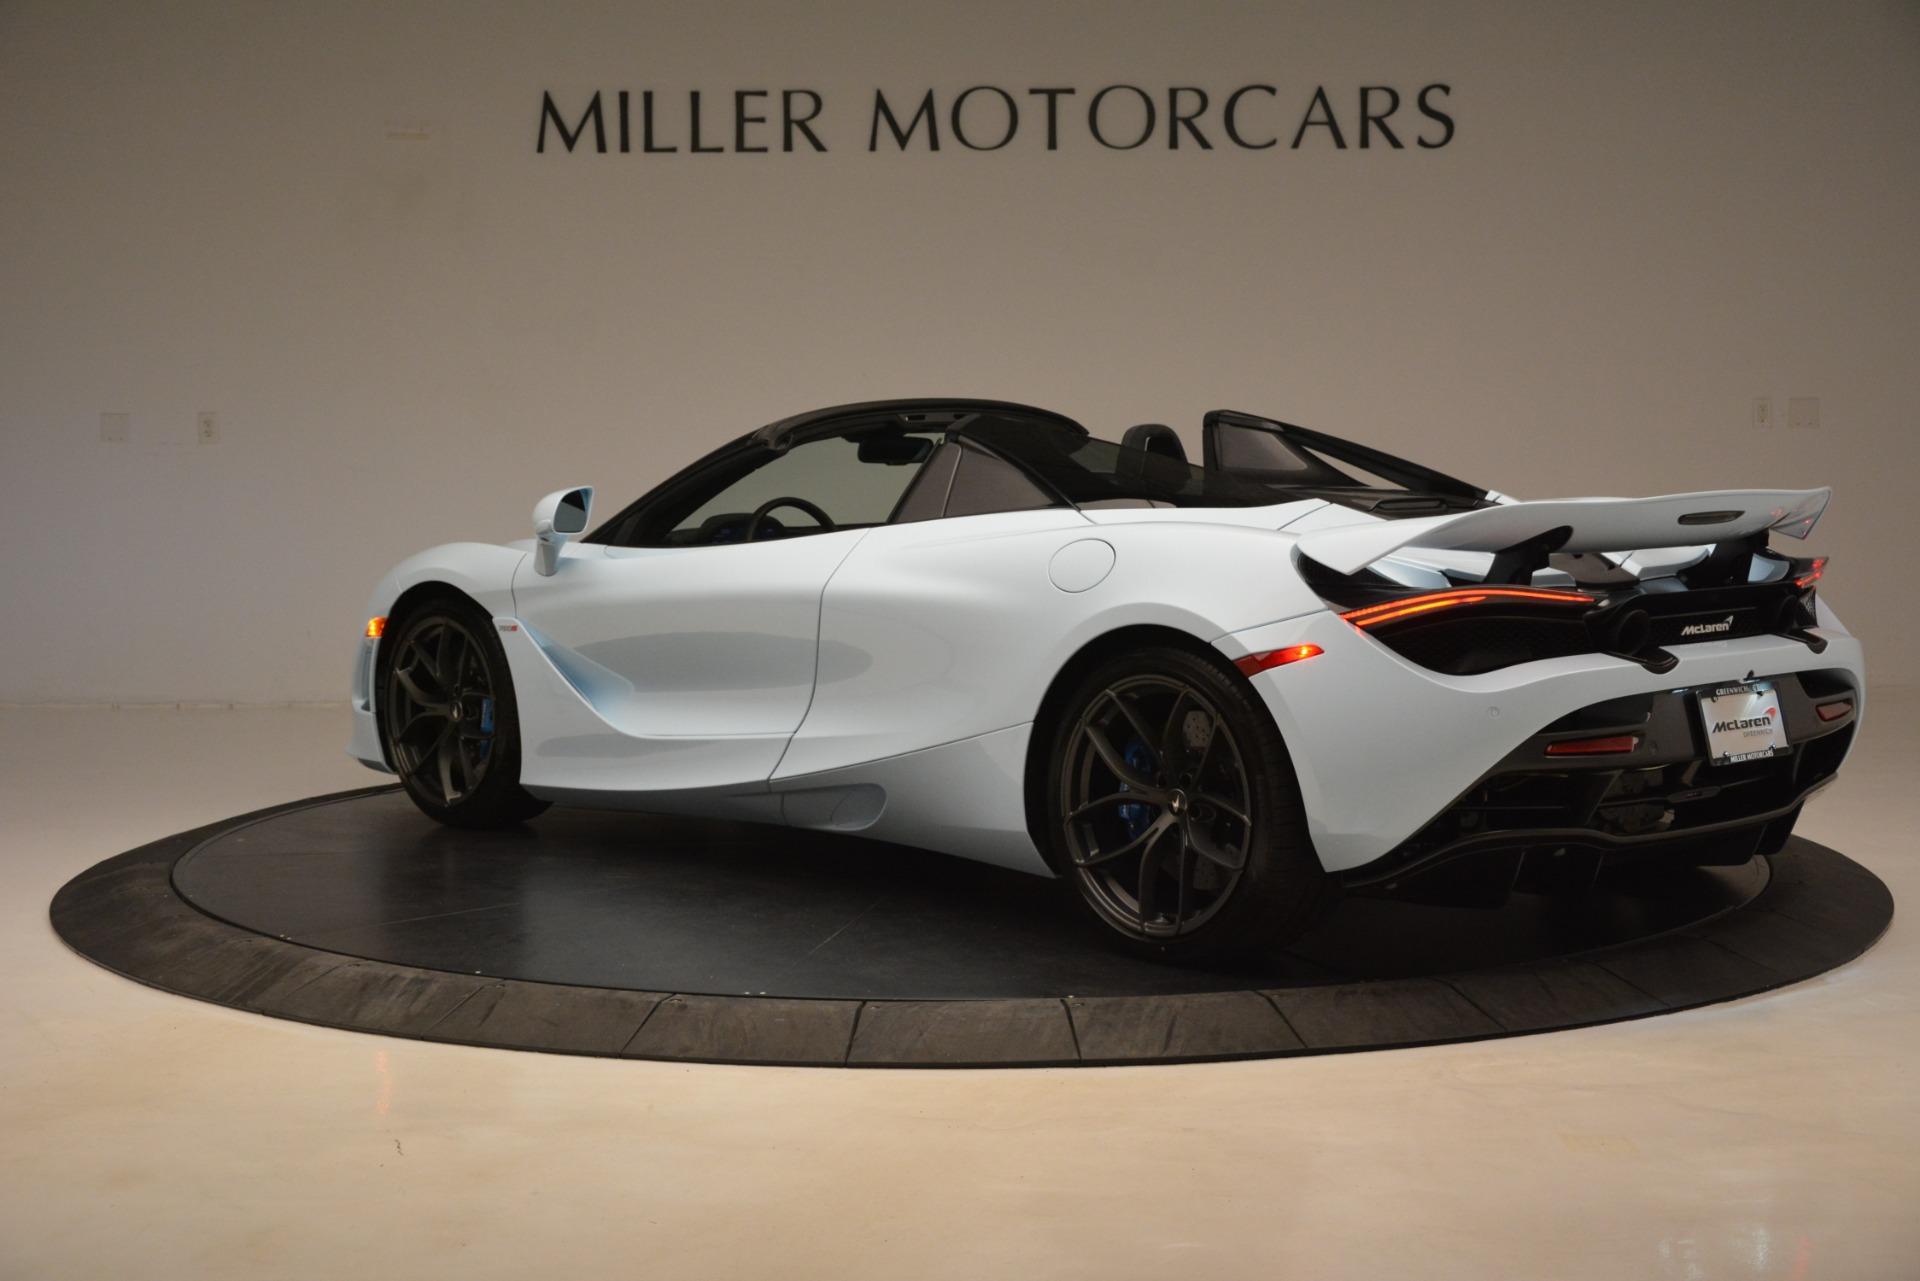 New 2020 McLaren 720S Spider For Sale In Westport, CT 3191_p3